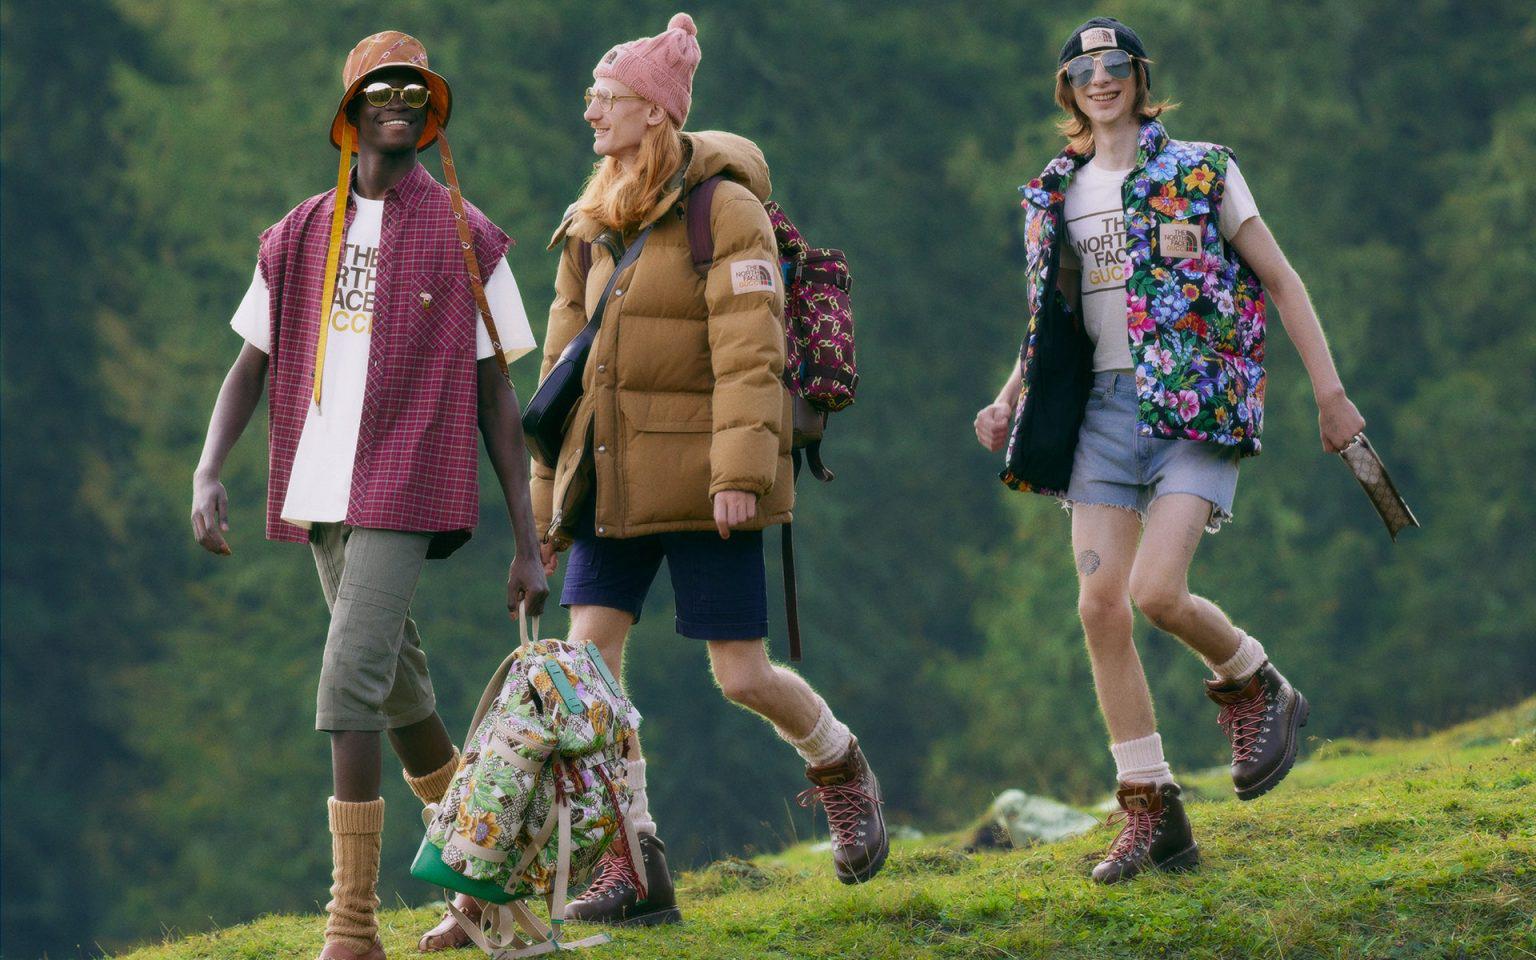 潮流美妆集合店「喜燃」华东首店开业;The North Face × Gucci 推出联名系列;艾兰得和饭扫光获融资丨品牌日报